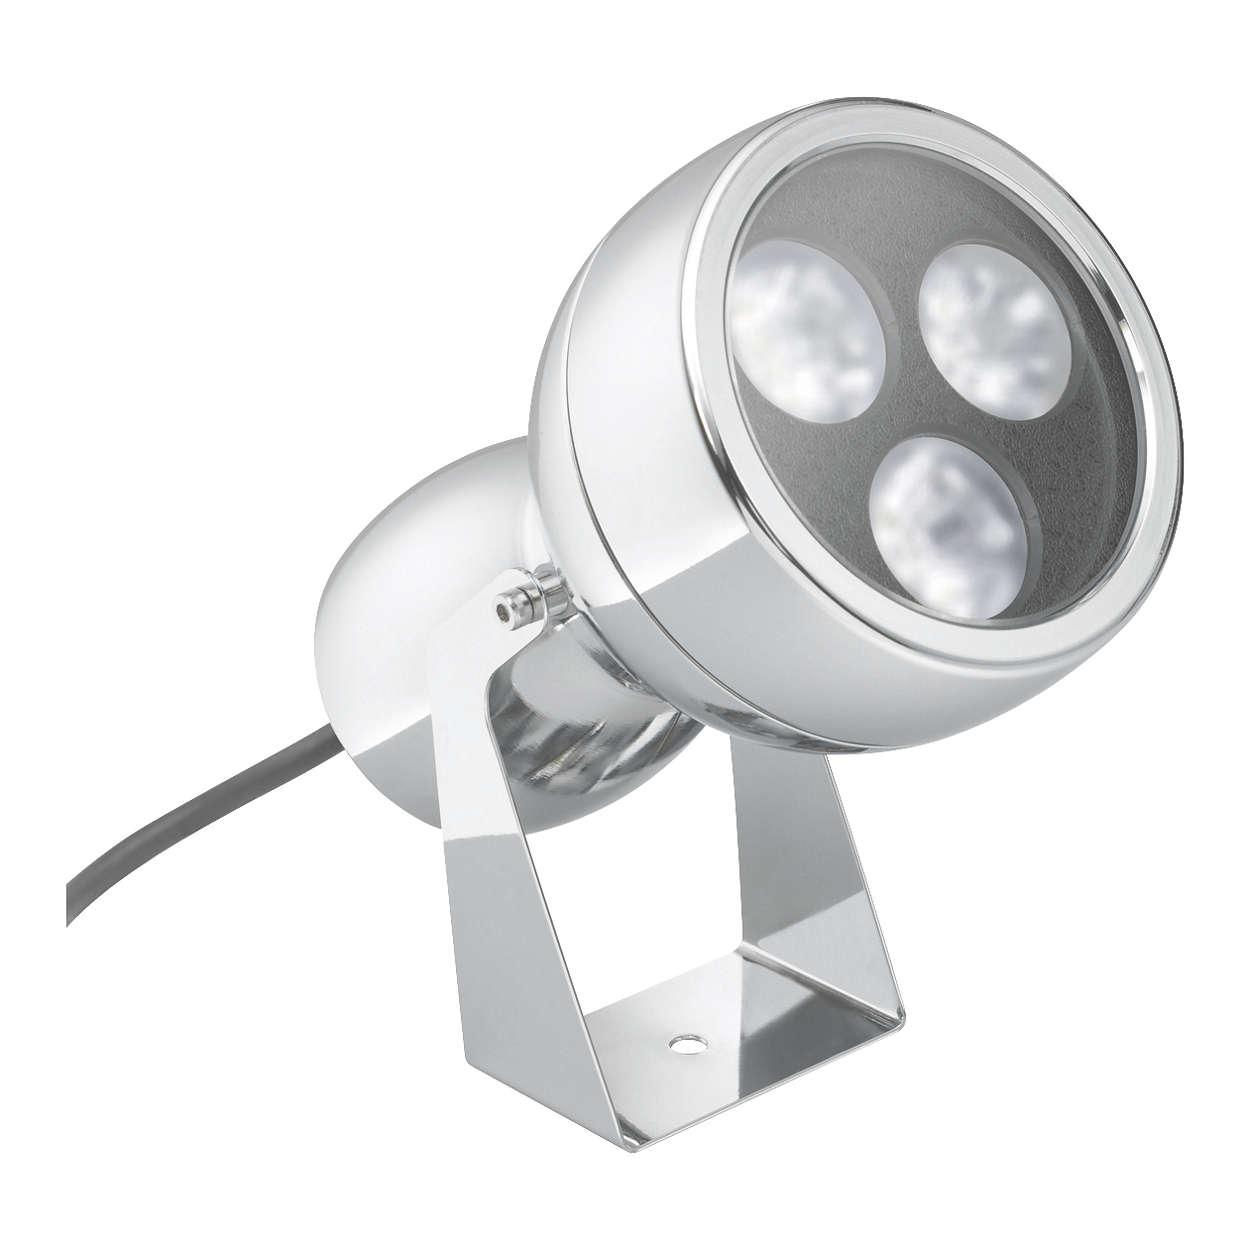 AmphiLux cu montaj pe suprafeţe – iluminaţi-vă zonele sociale de exterior